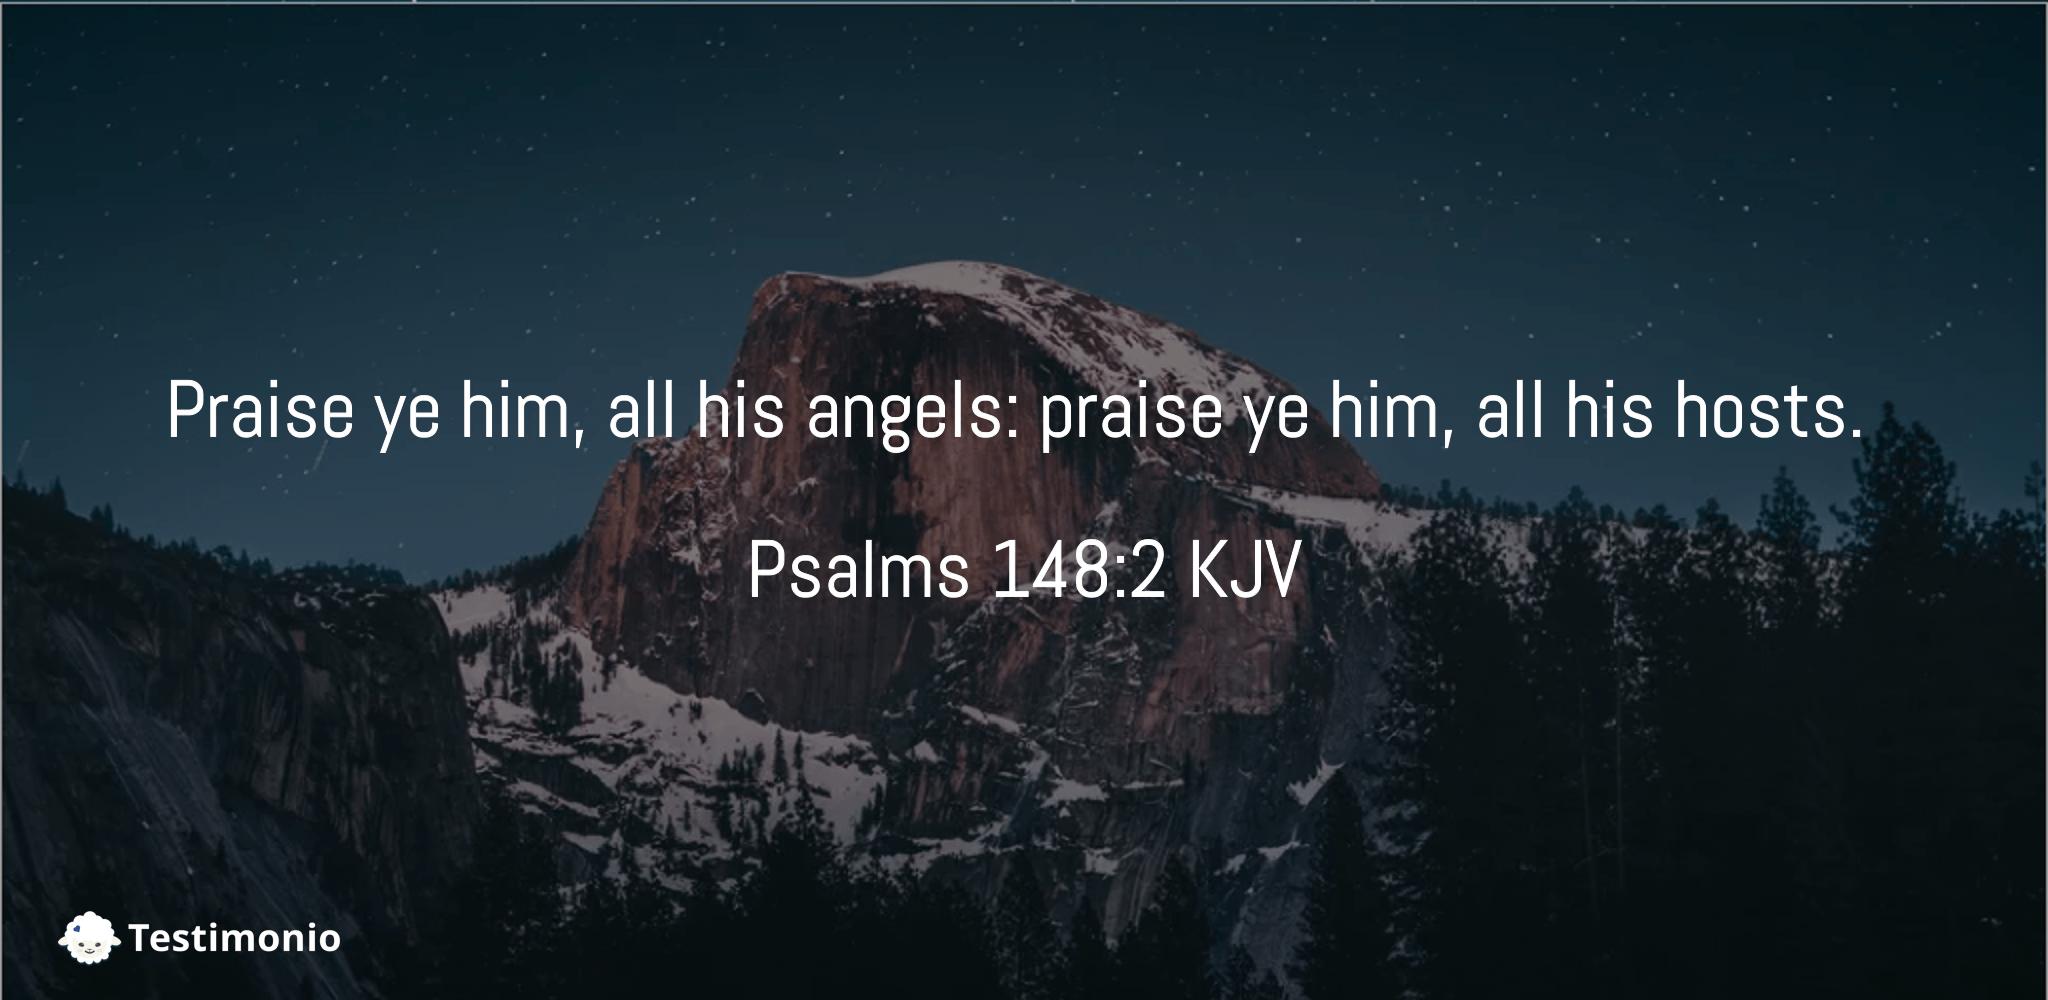 Psalms 148:2